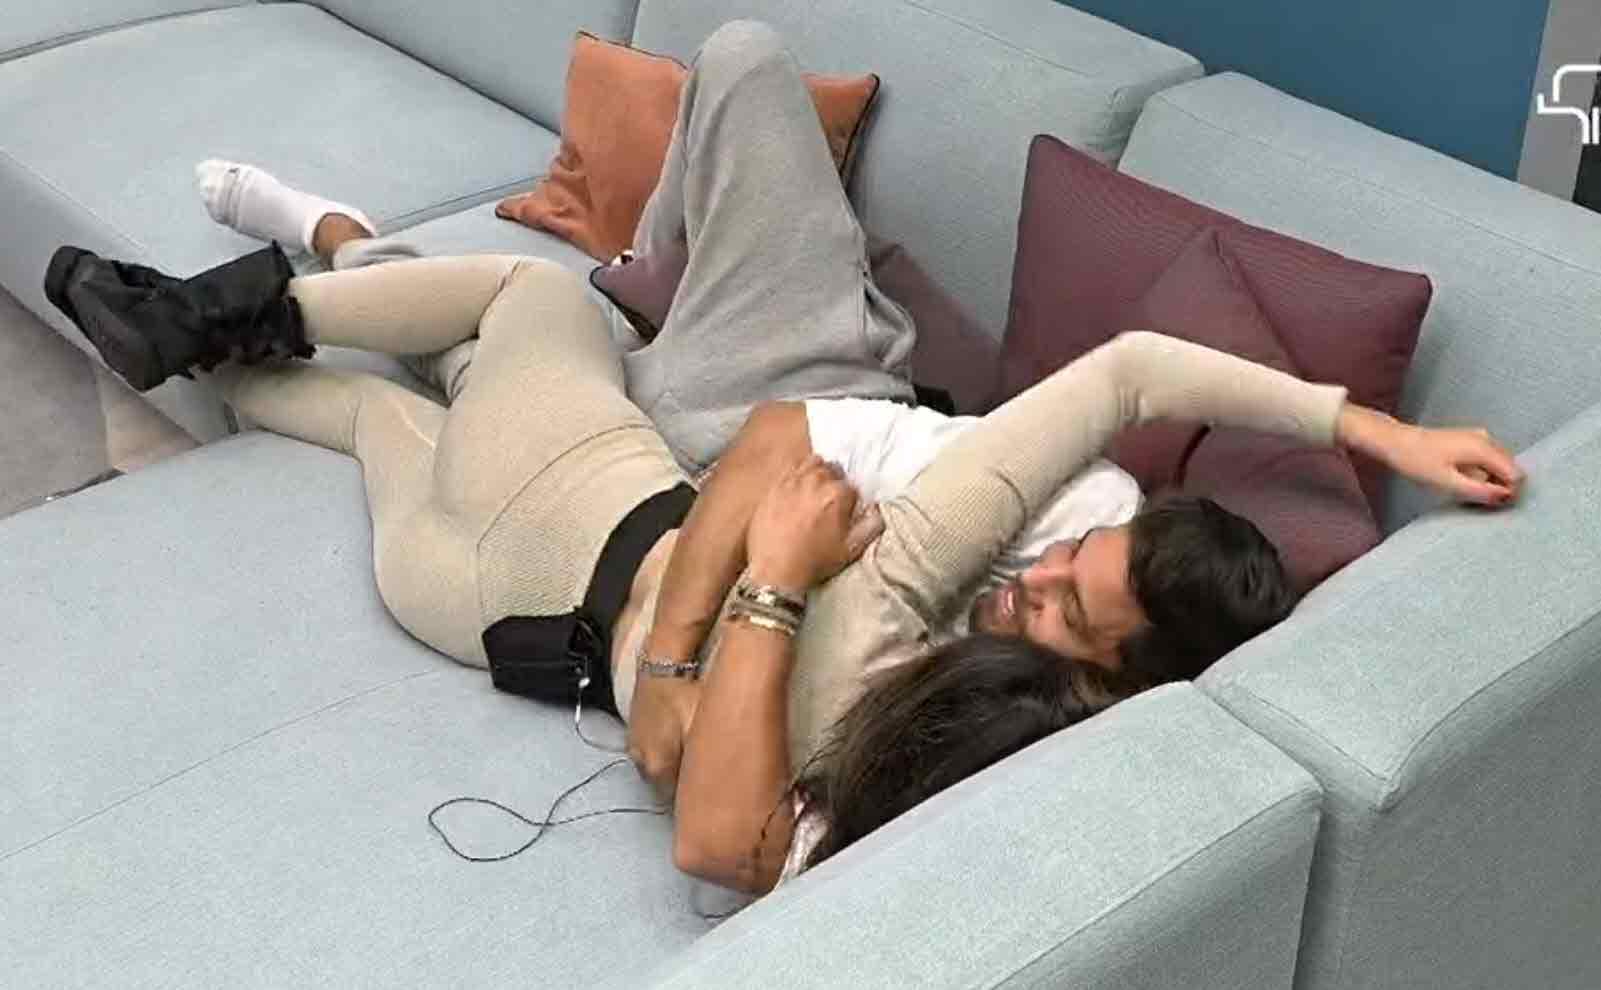 """דיוויד וקארין צמודים:""""הייתי מת לקפוץ לך למיטה כל בוקר"""""""